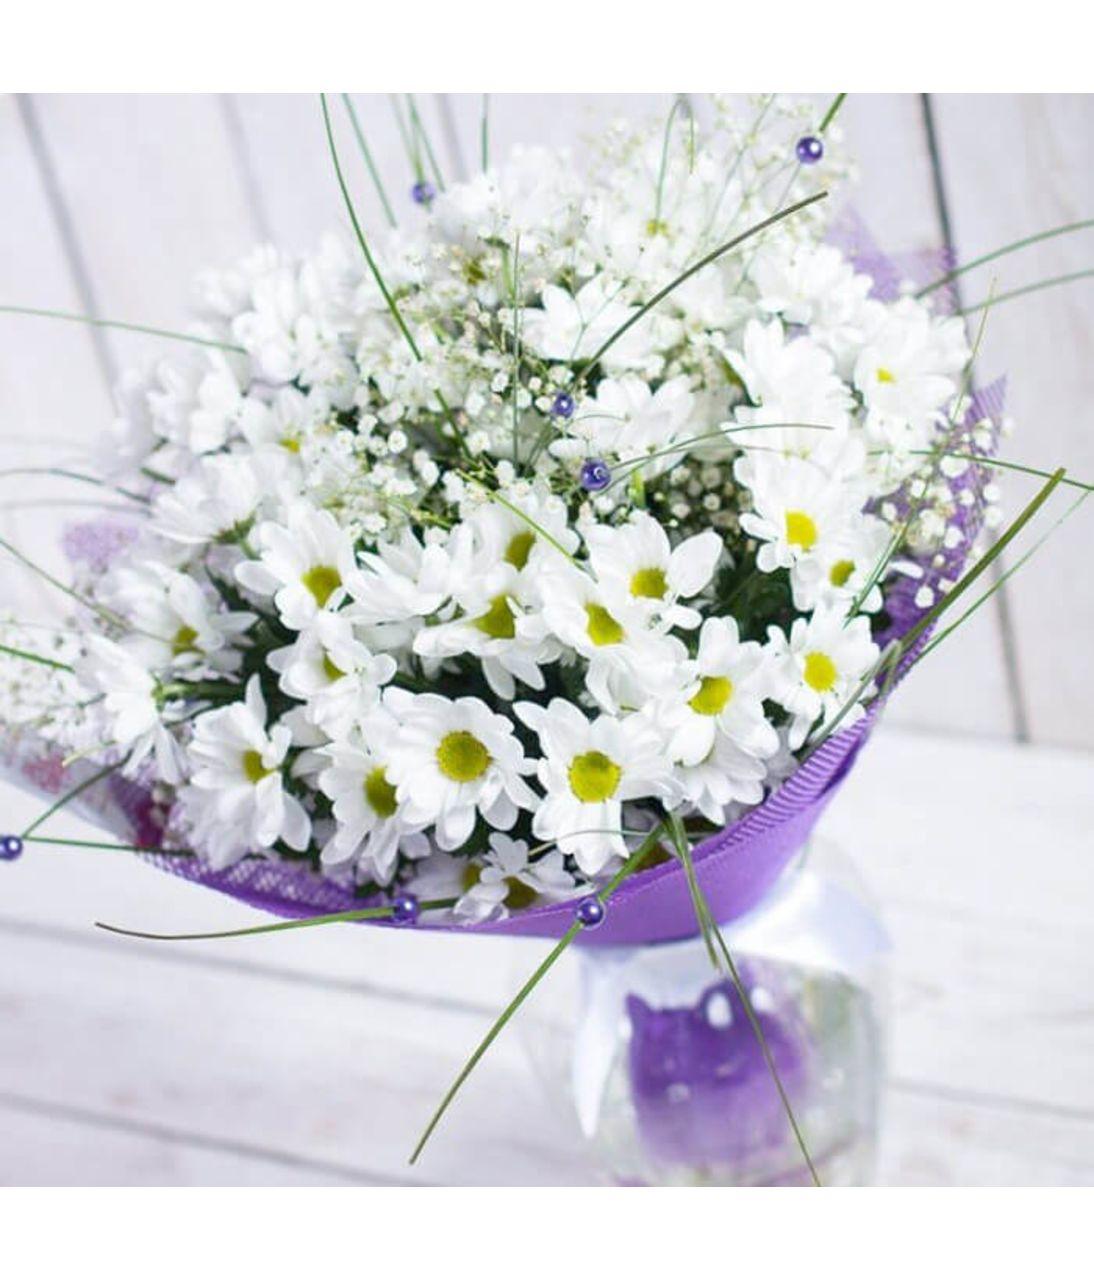 Хризантема бакарді фото. Superflowers.com.ua. Хризантема бакарді біла фото